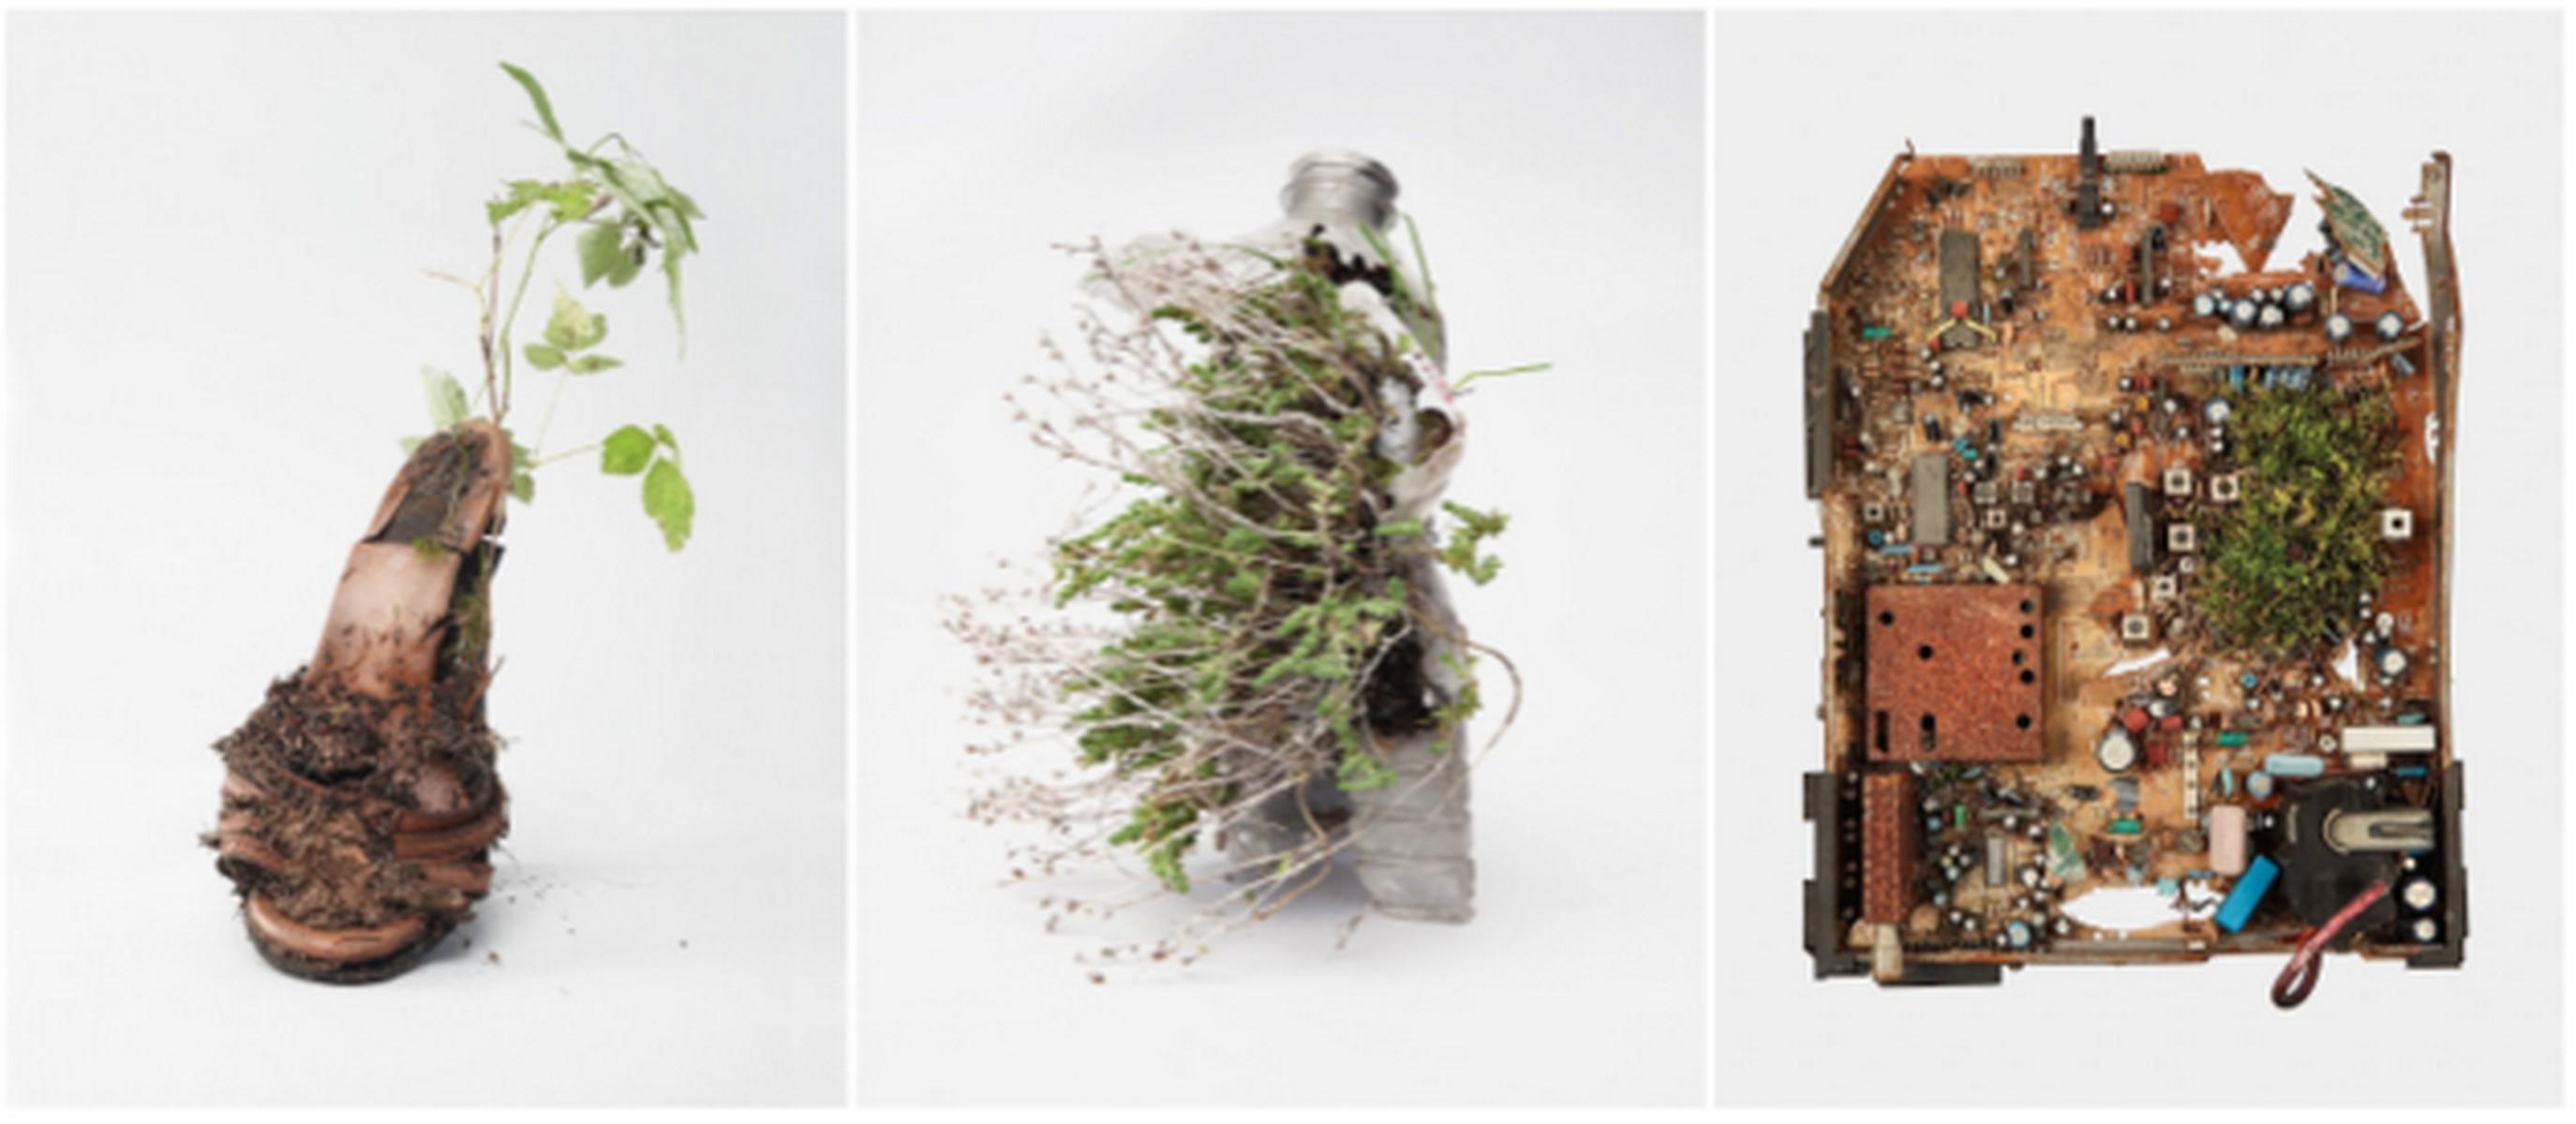 """Diana Lelonek, """"Center for the Living Things"""" (Instytut dla rzeczy żywych) (źródło: materiały prasowe organizatora)"""